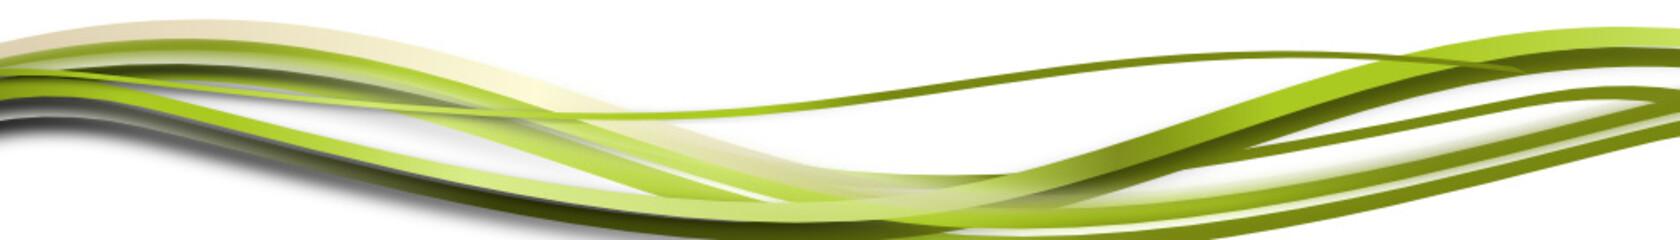 wellen grün hintergrund